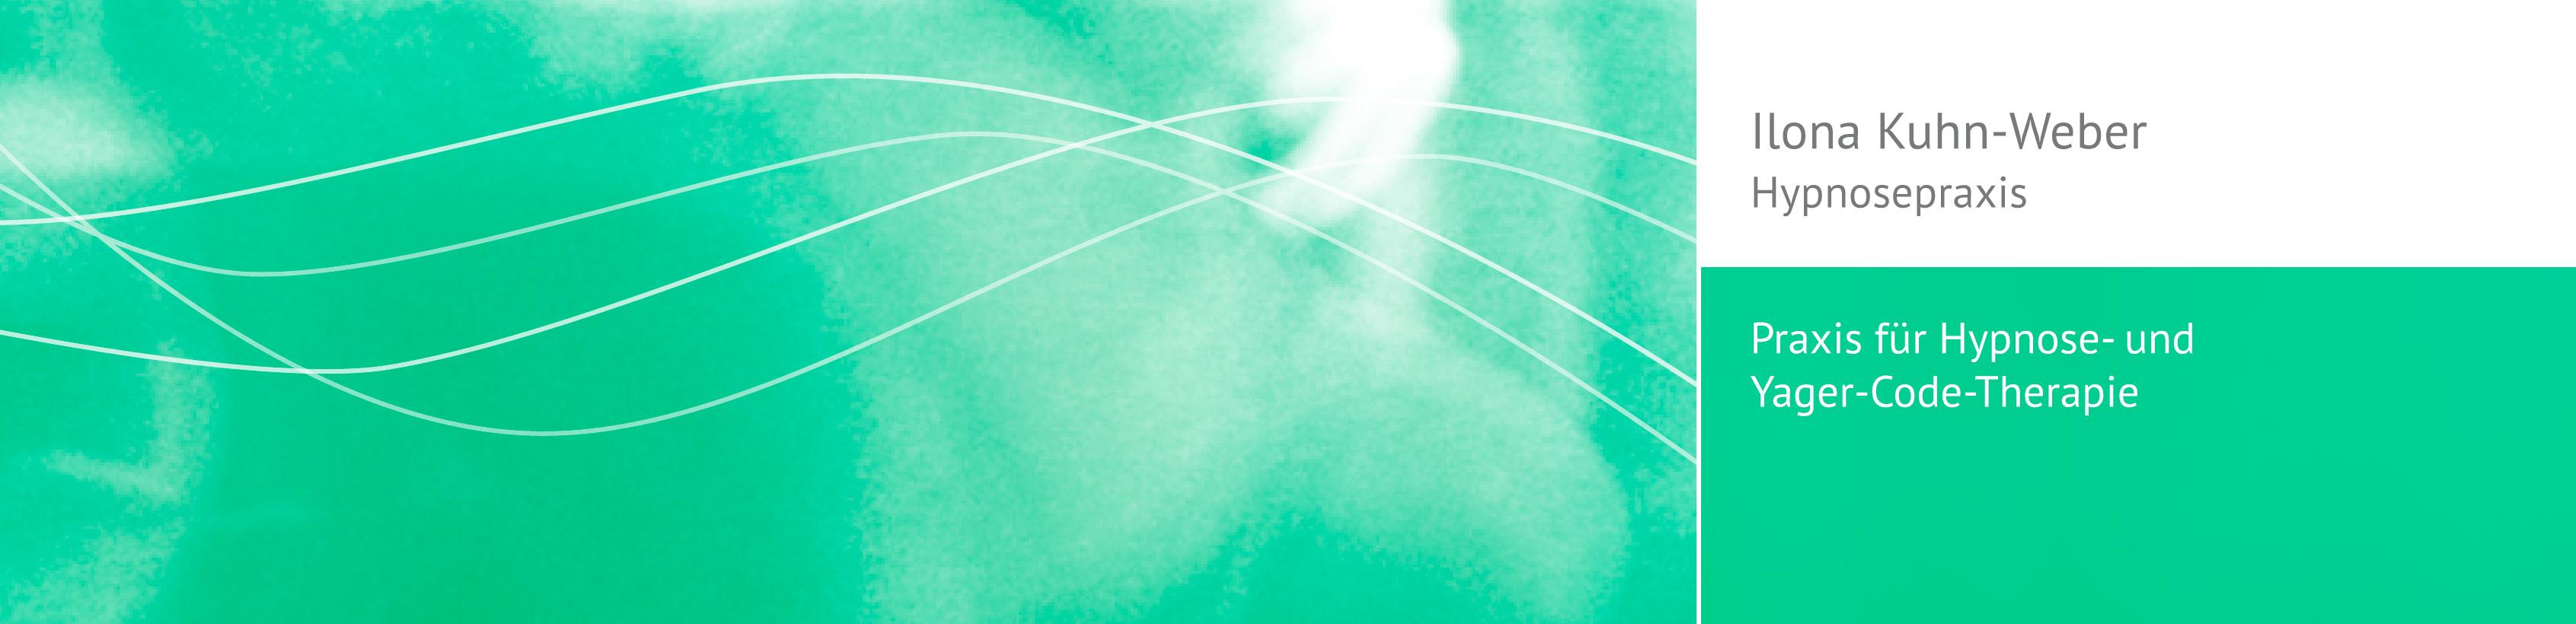 www.hypnosepraxis-kuhn-weber.de